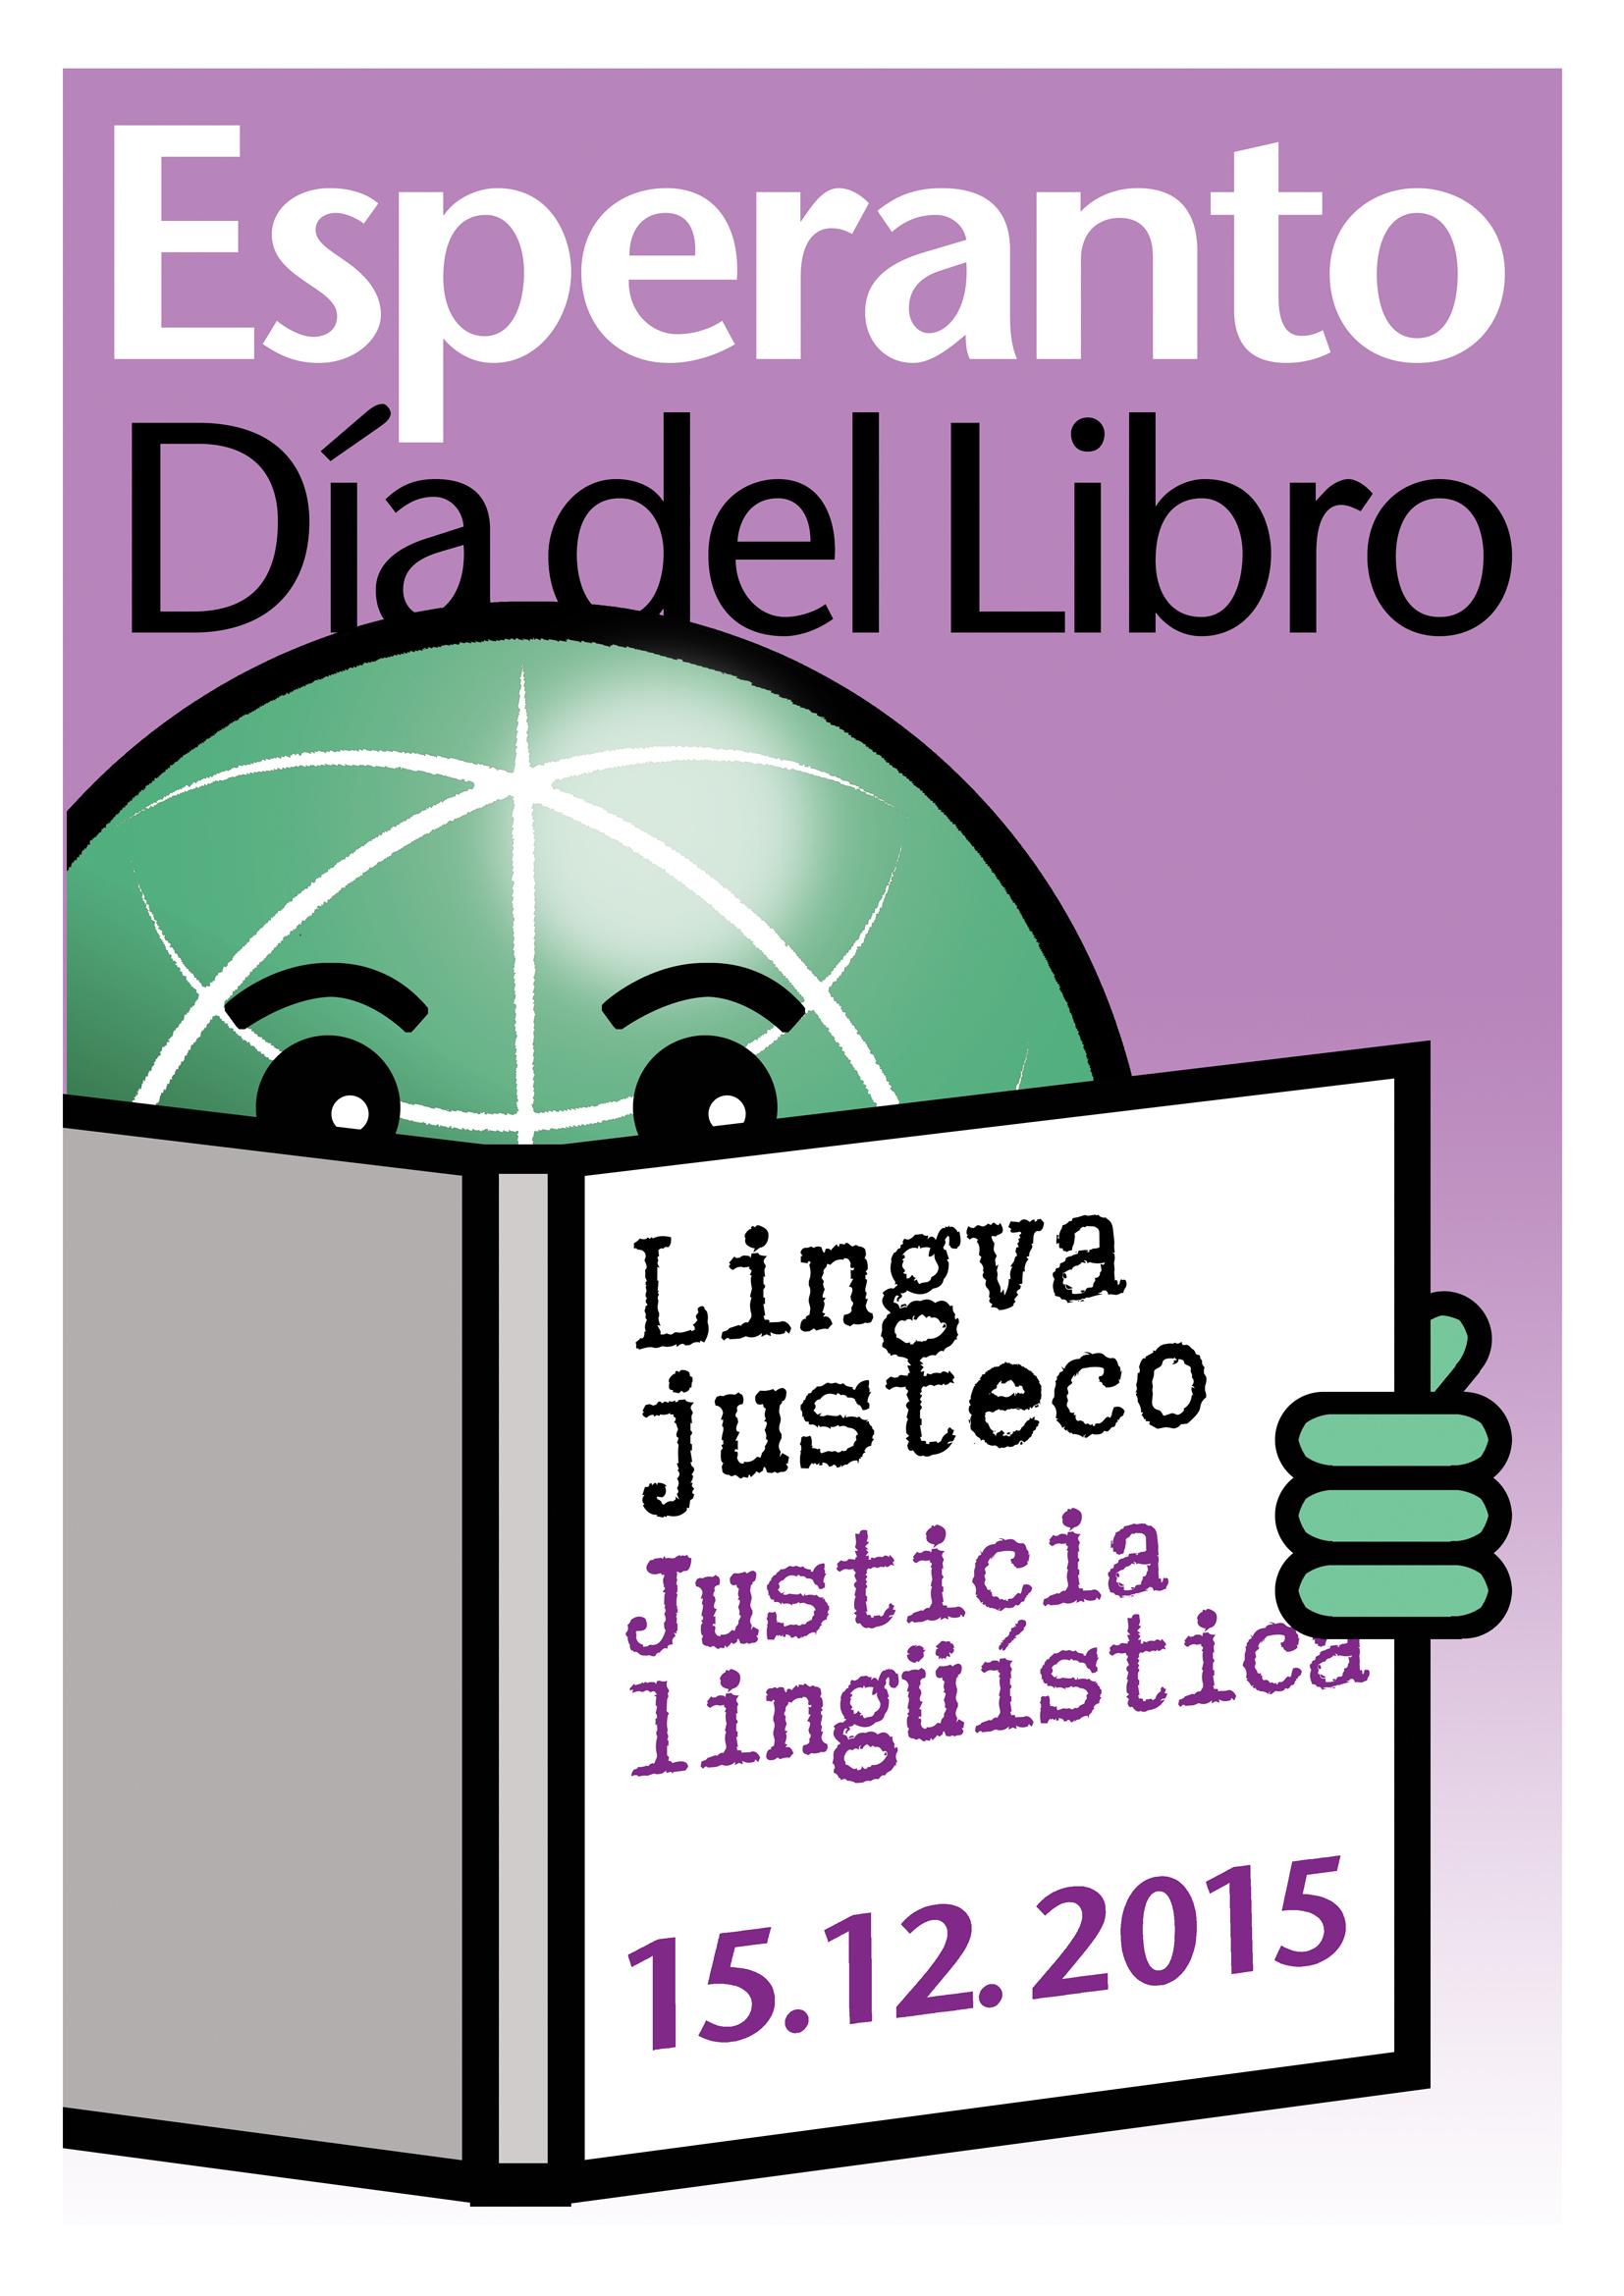 Cartel del Día del Libro 2015